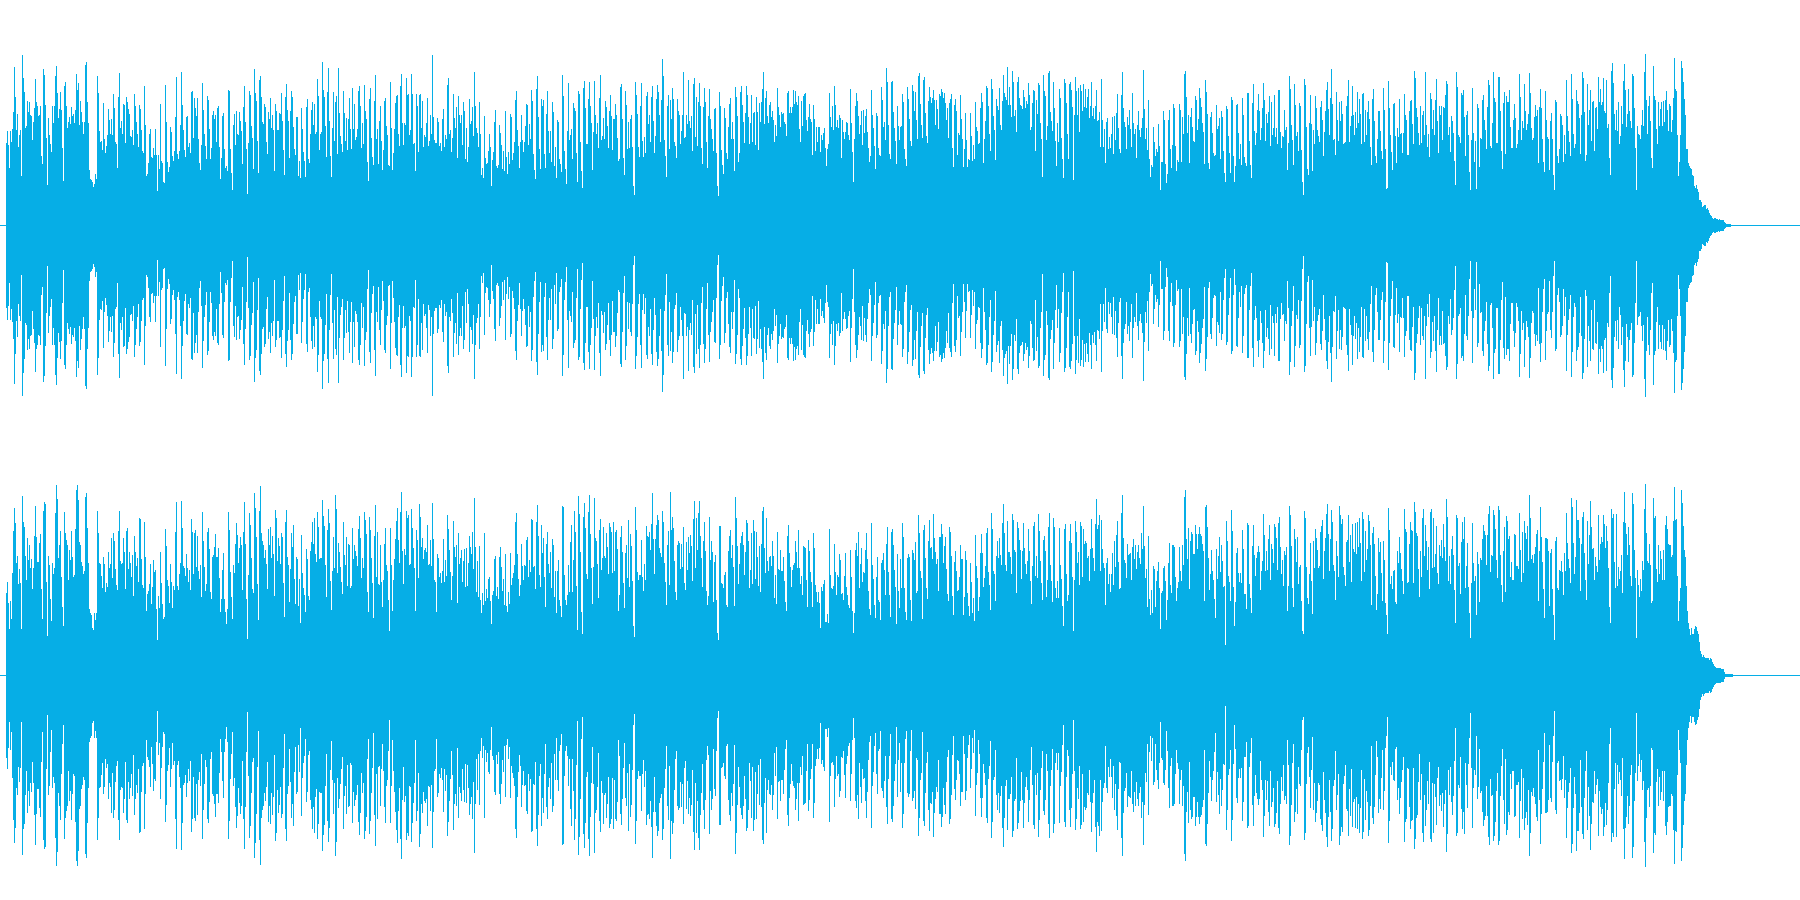 陽気な大人の4ビート・ジャズ・シャッフルの再生済みの波形